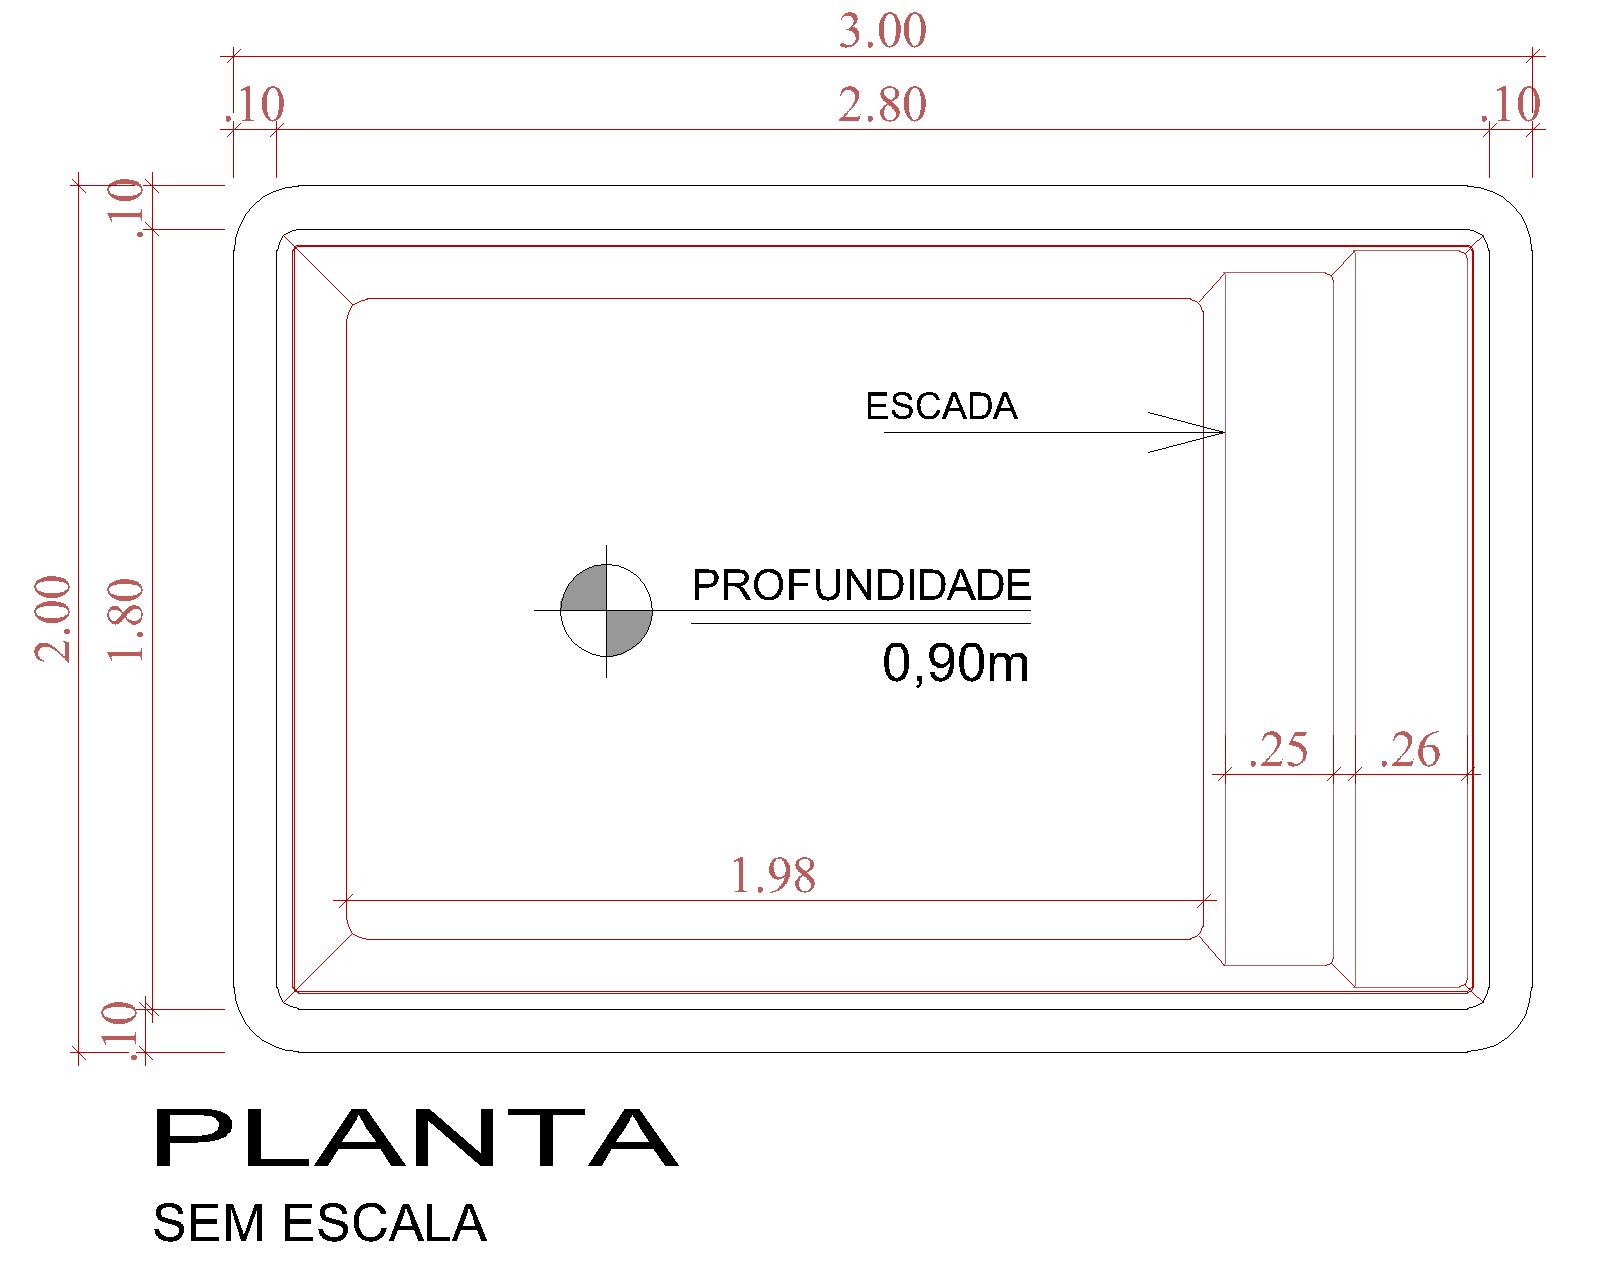 Desenho técnico Bora Bora (sem escala)